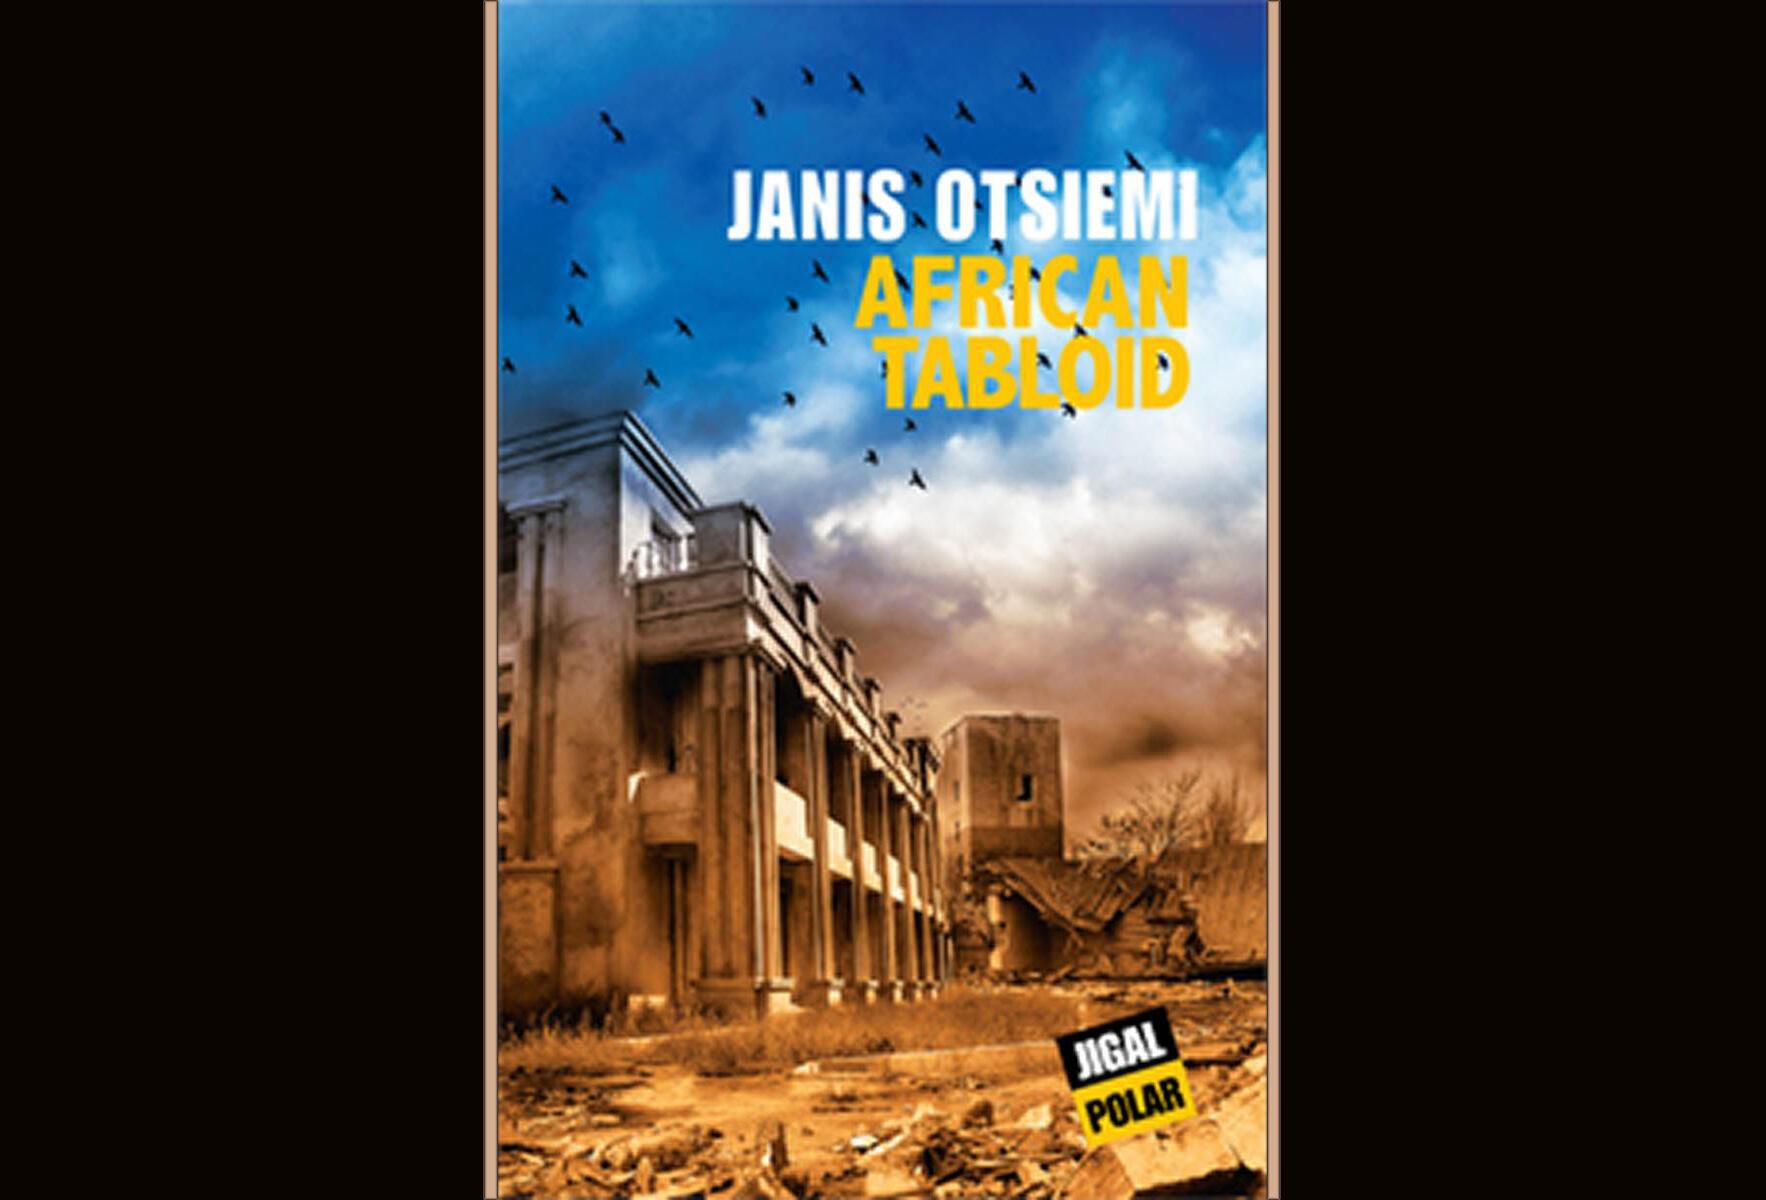 Le polar de Janis Otsiemi, <i>African Tabloid, </i> est paru aux éditions Jigal.